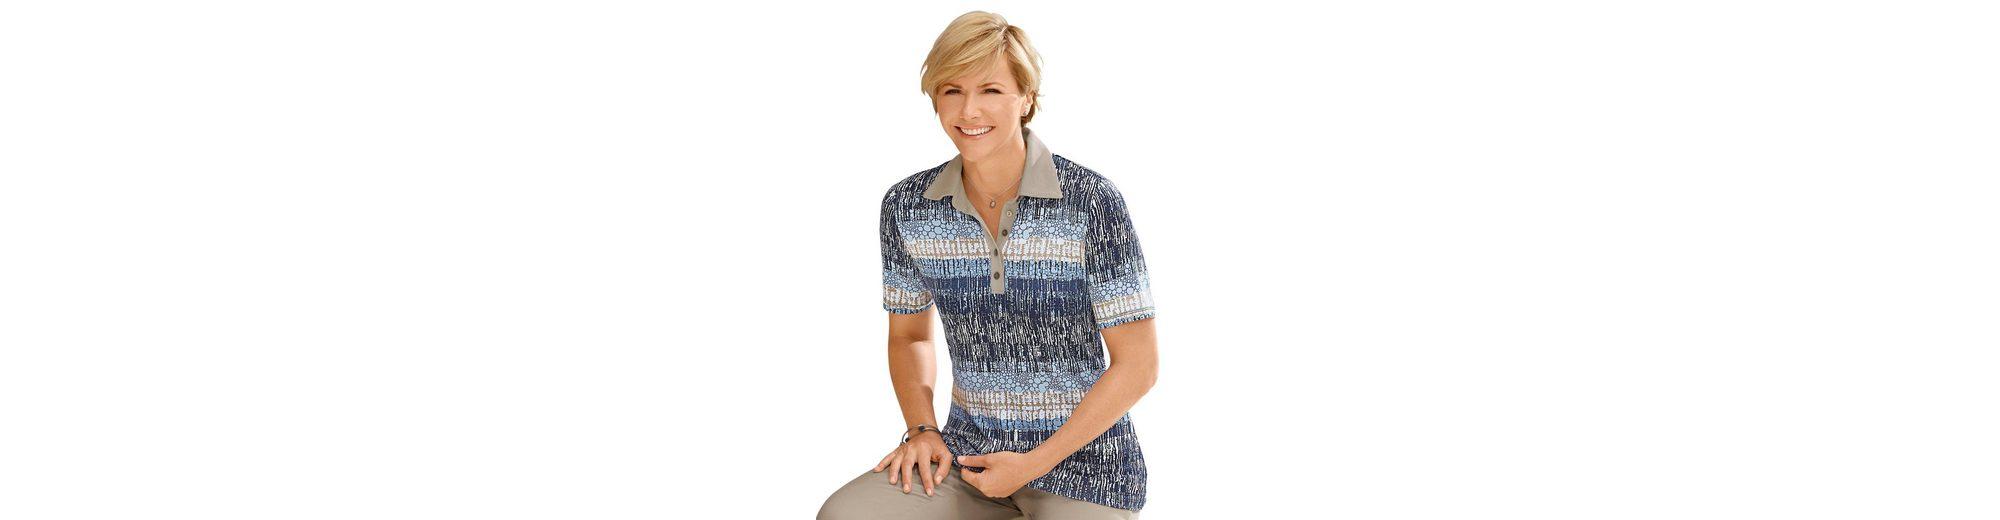 Wie Viel Collection L. Shirt mit einfarbigem Polokragen Verkauf Großhandelspreis Freies Verschiffen Auslass Günstig Kaufen Footaction Günstig Kaufen 2018 Neue KTeNso6rE3